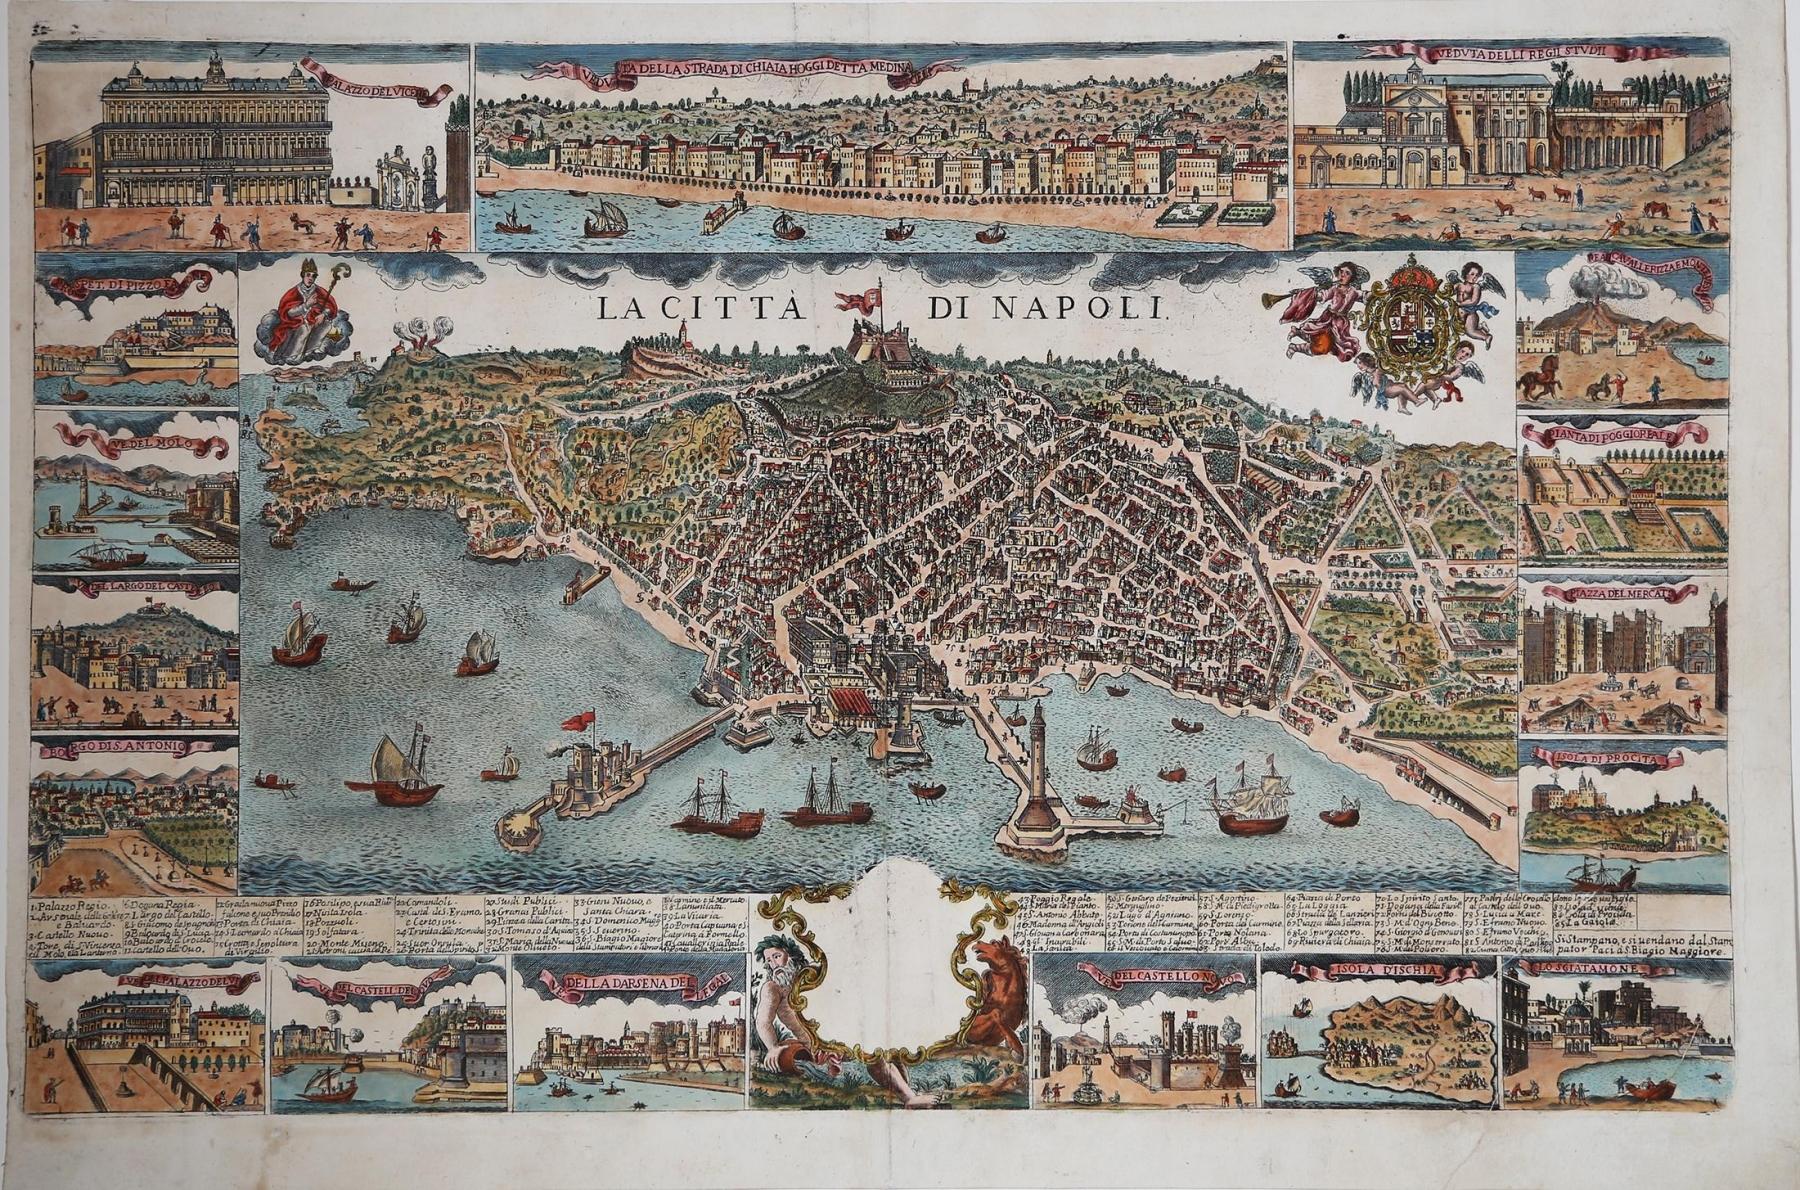 la-Città-di-Napoli-di-Giovanni-Francesco-PACI-1696-98